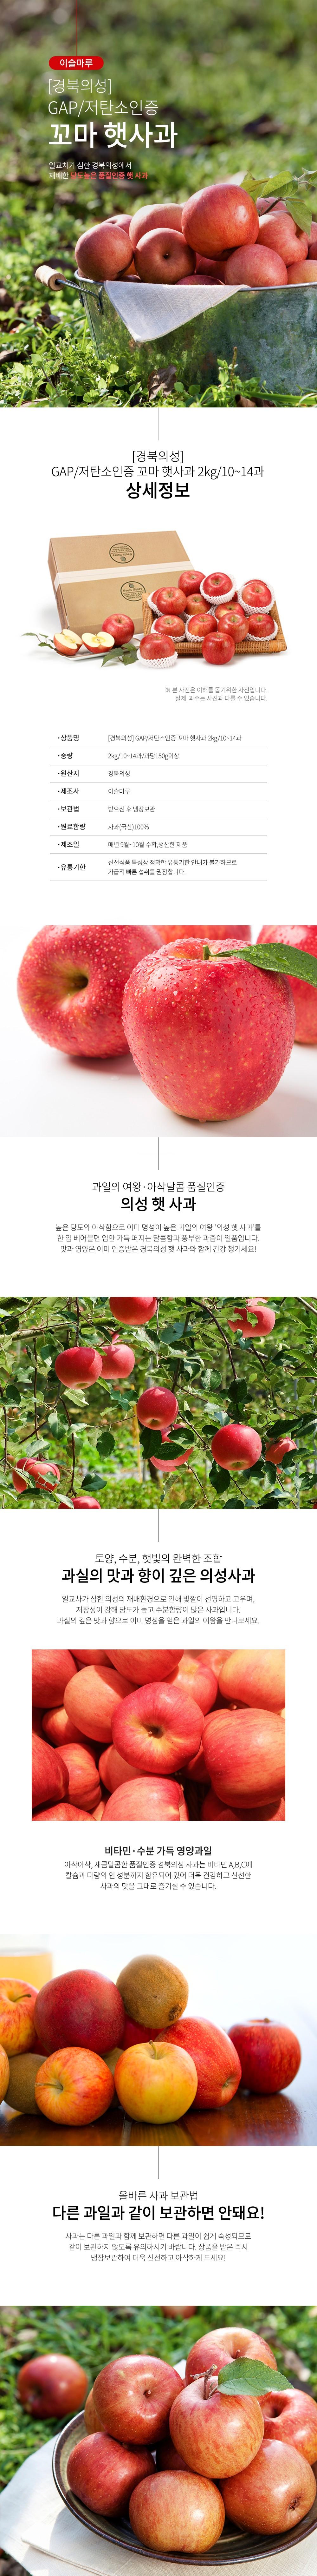 GAP-ggoma-hat-apple_2kg10-14_150g.jpg